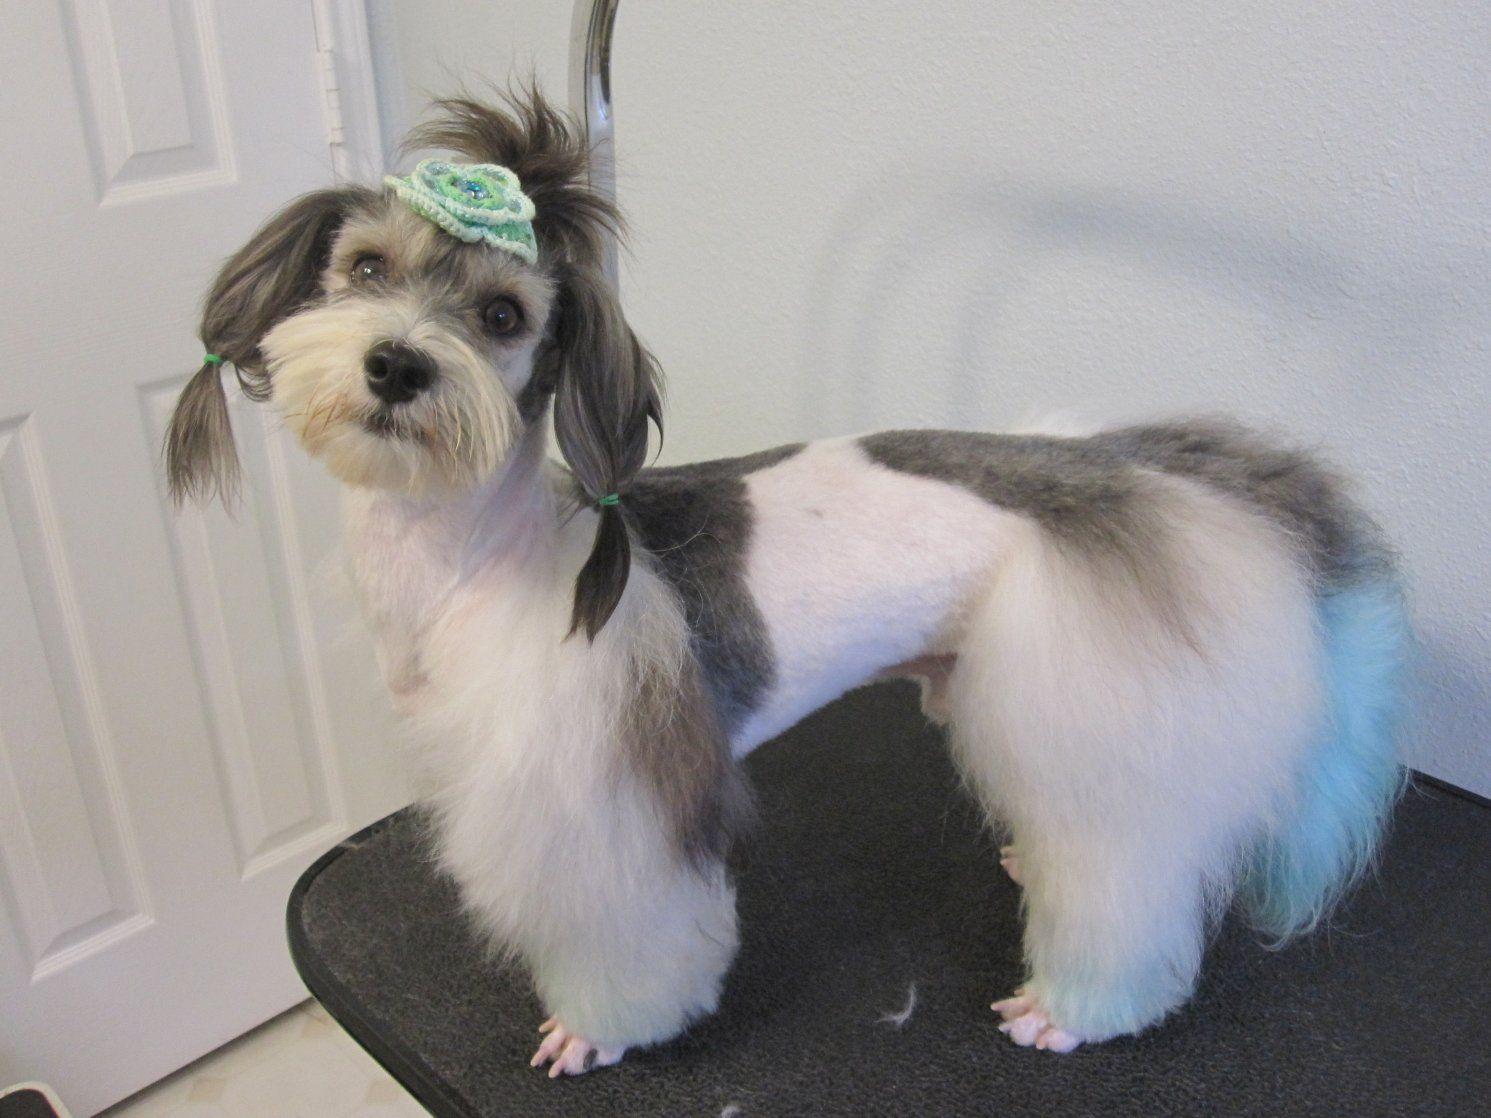 havanese grooming styles | Havanese Puppy Cut Havanese dog with ...